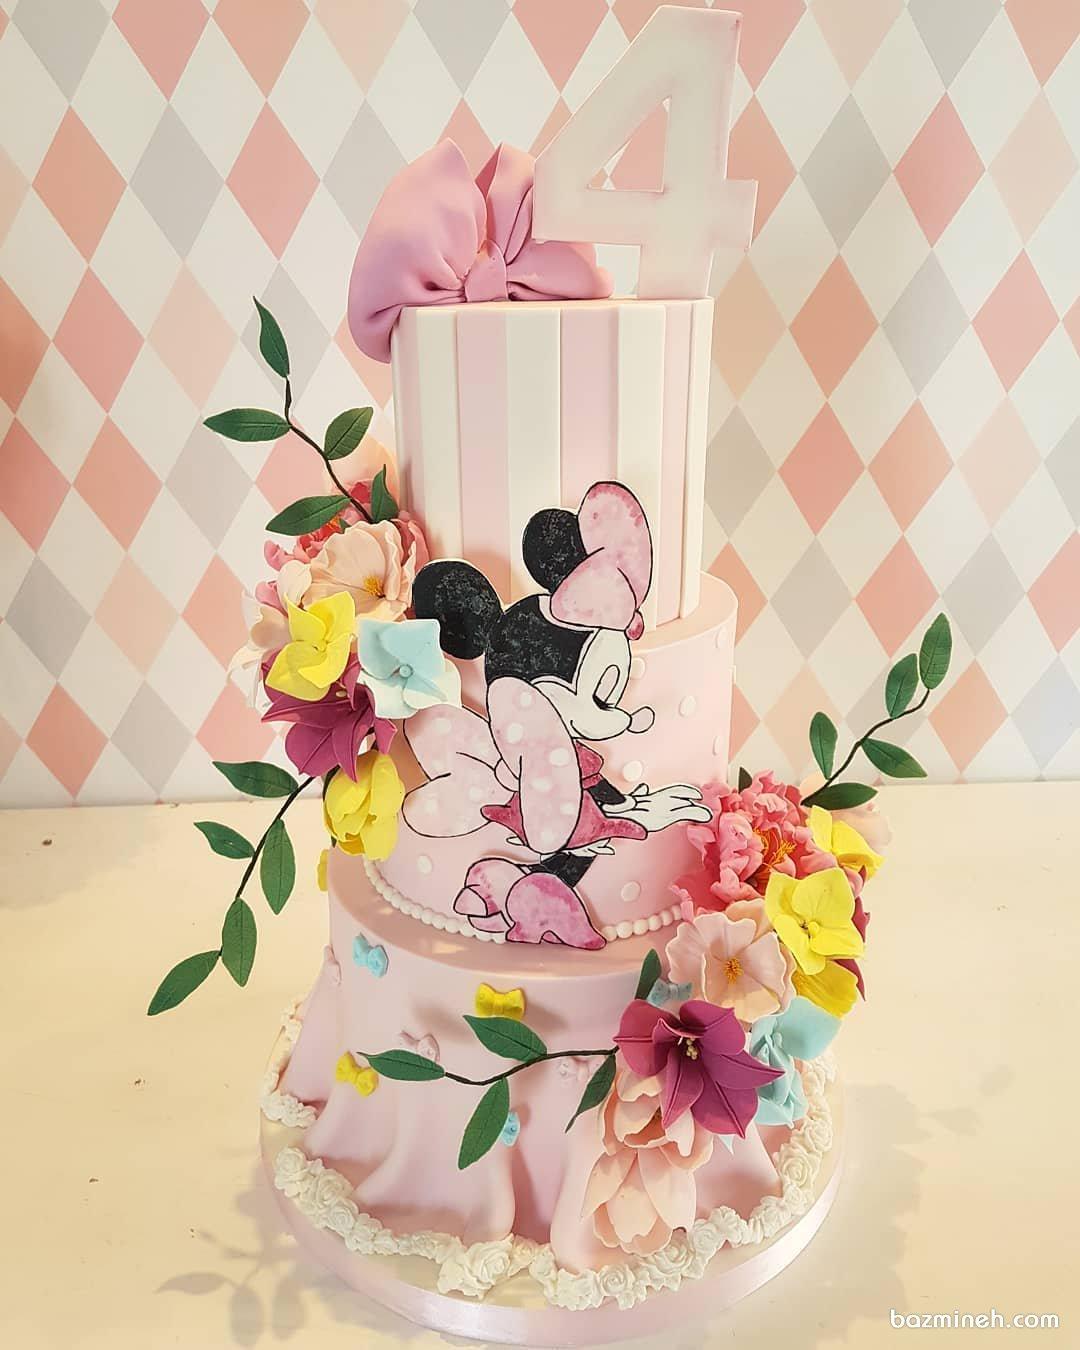 کیک سه طبقه فوندانت جشن تولد دخترونه با تم مینی موس (Minnie Mouse)